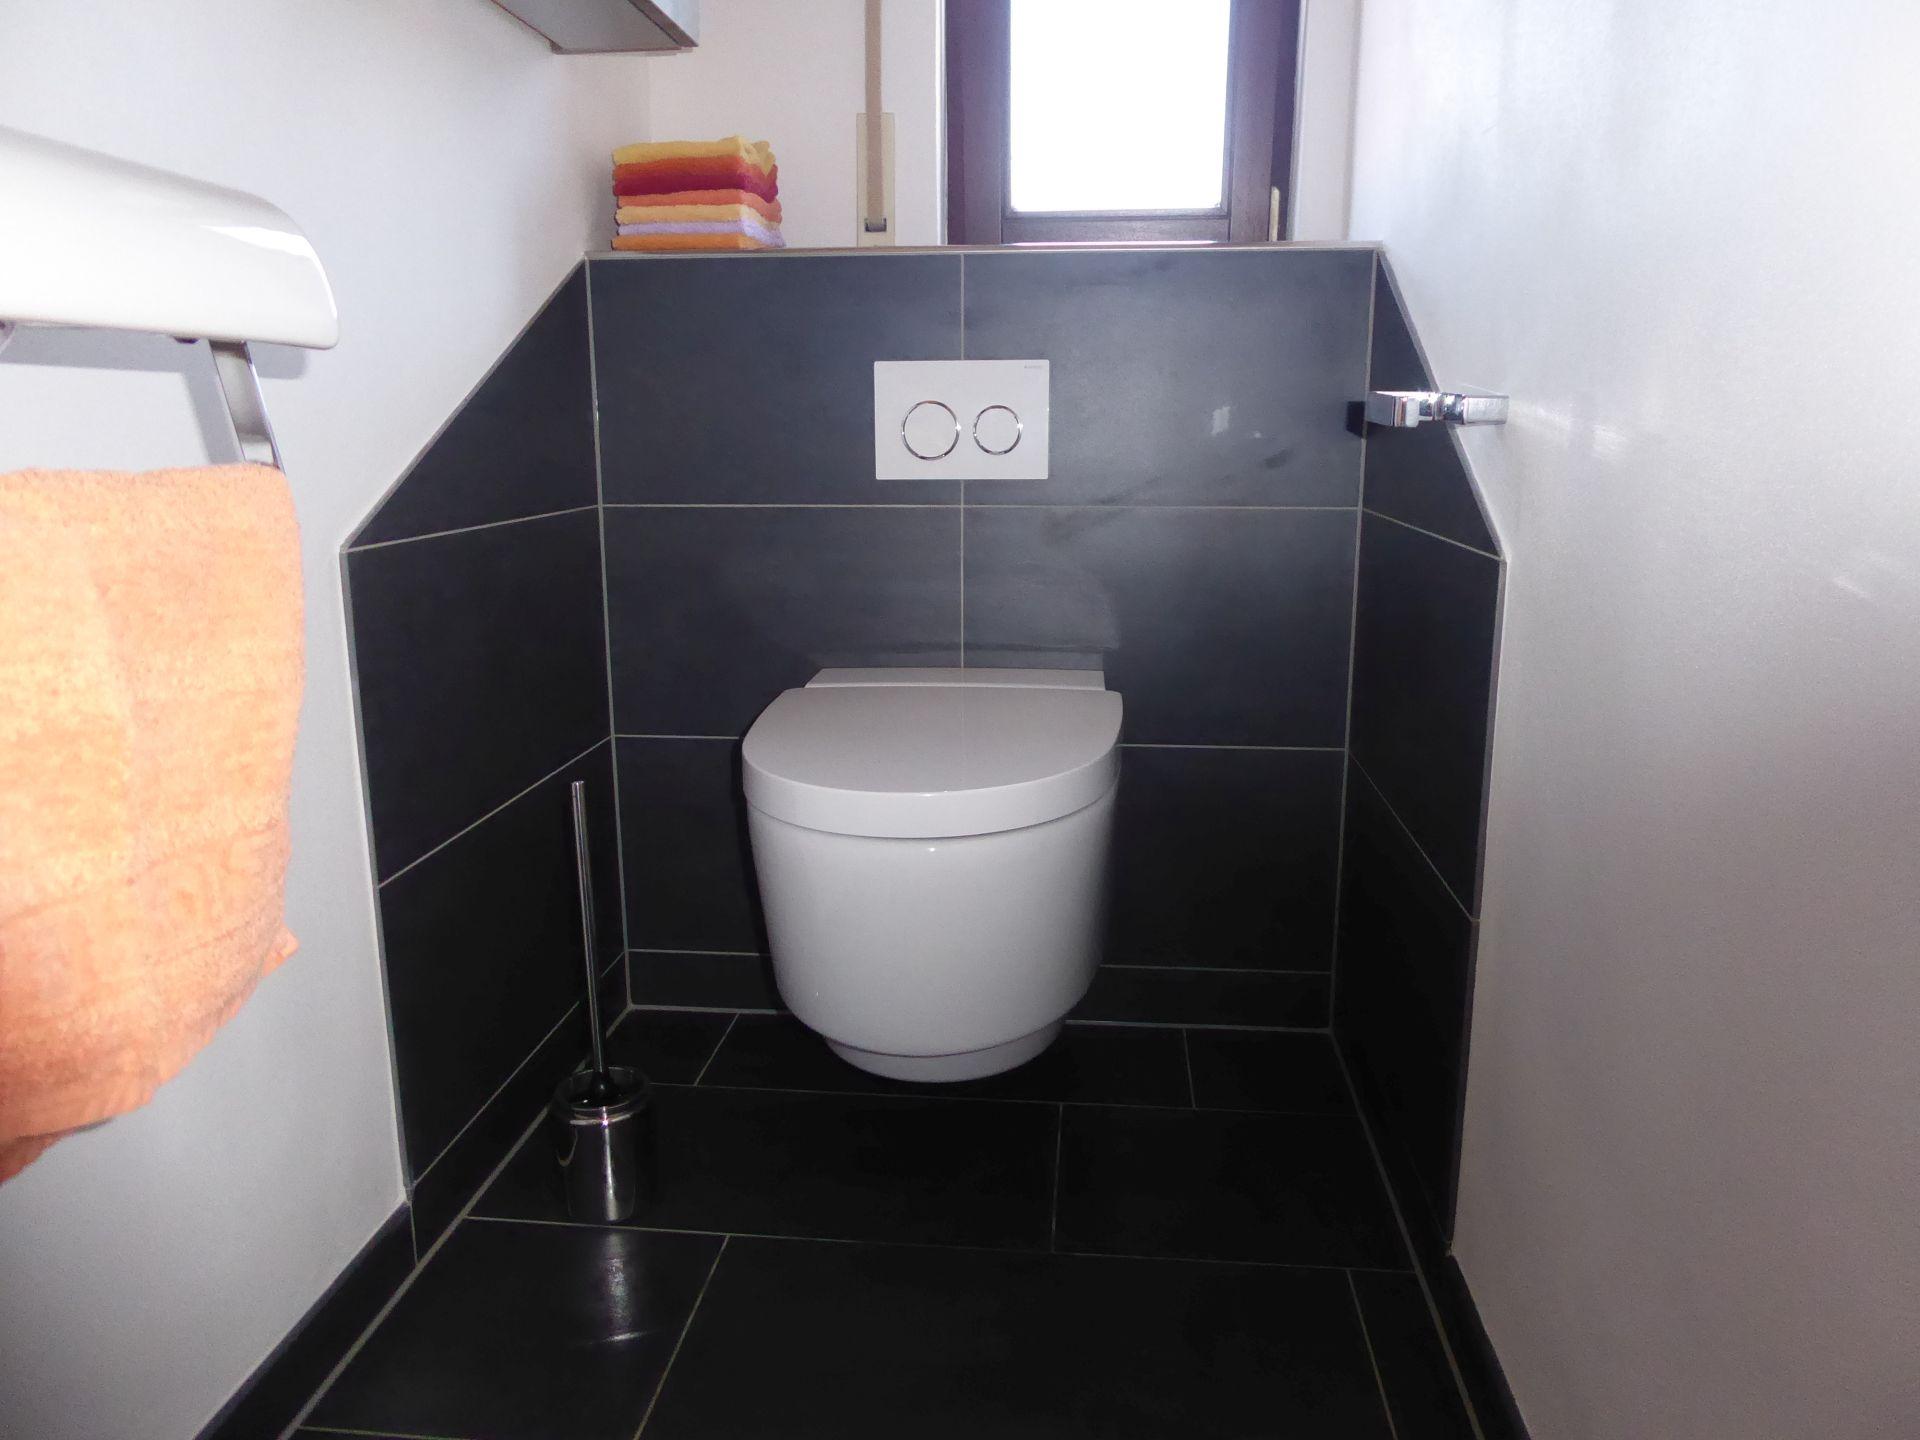 erstklassiges und modernes bad mit fu bodenheizung in flieden will bad heizung fulda. Black Bedroom Furniture Sets. Home Design Ideas